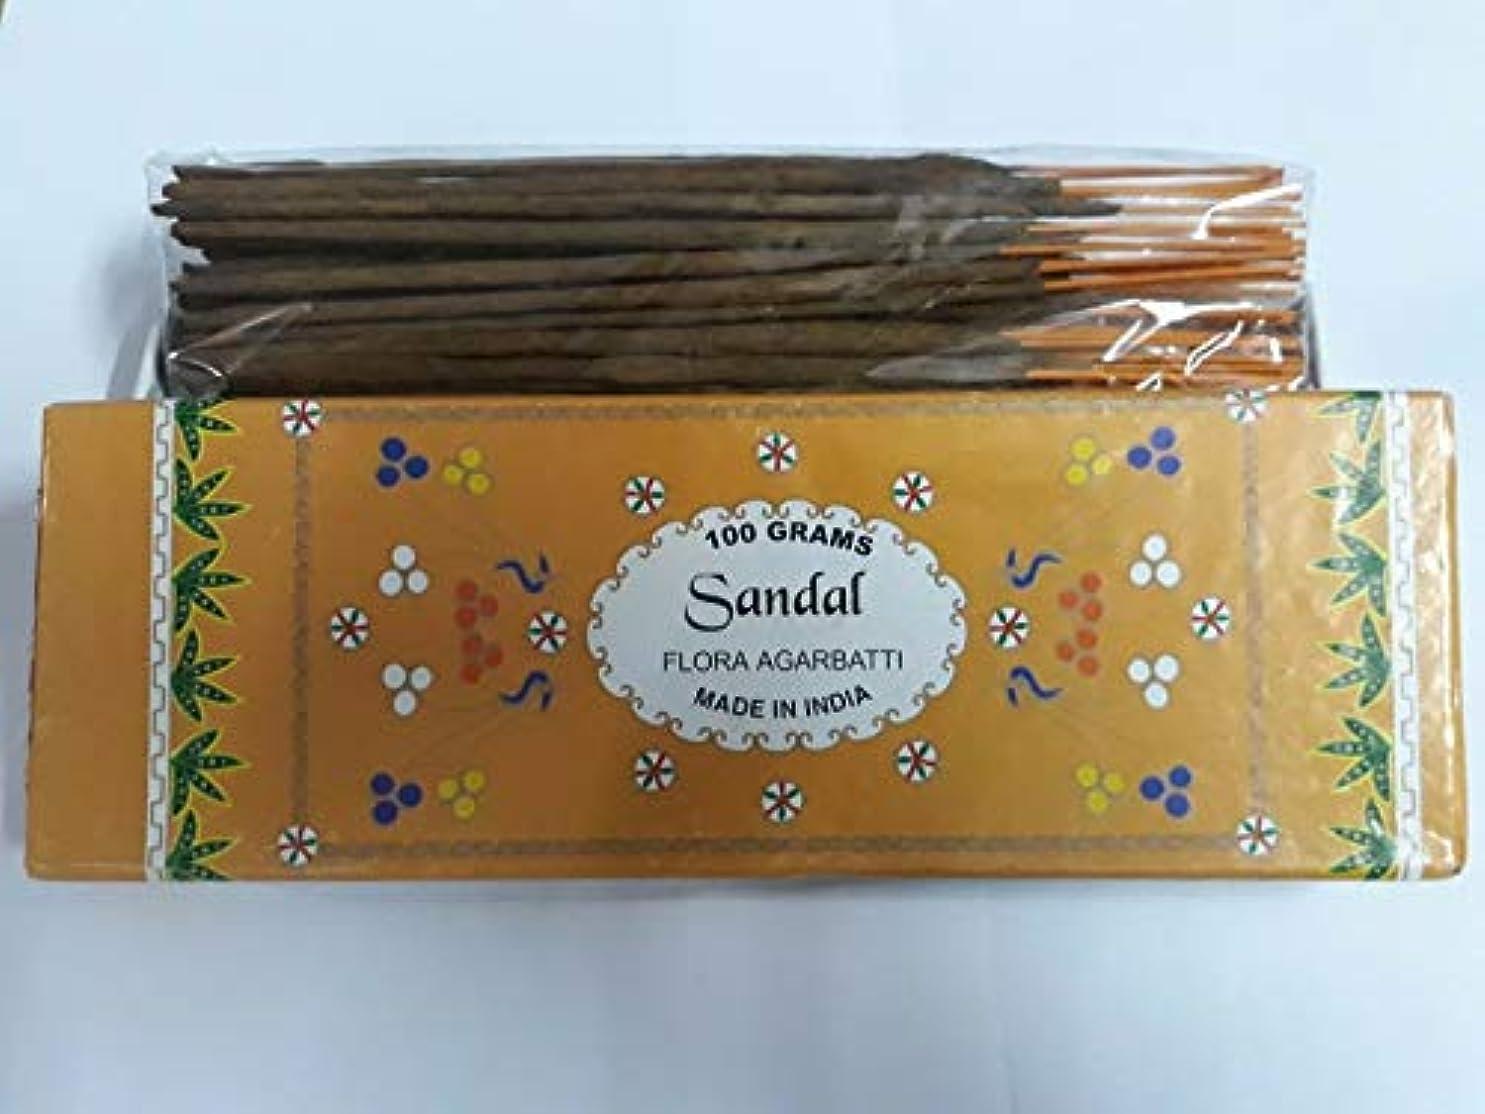 アルネ計器バブルSandal (Chandan) サンダル Agarbatti Incense Sticks 線香 100 grams Flora Incense Agarbatti フローラ線香